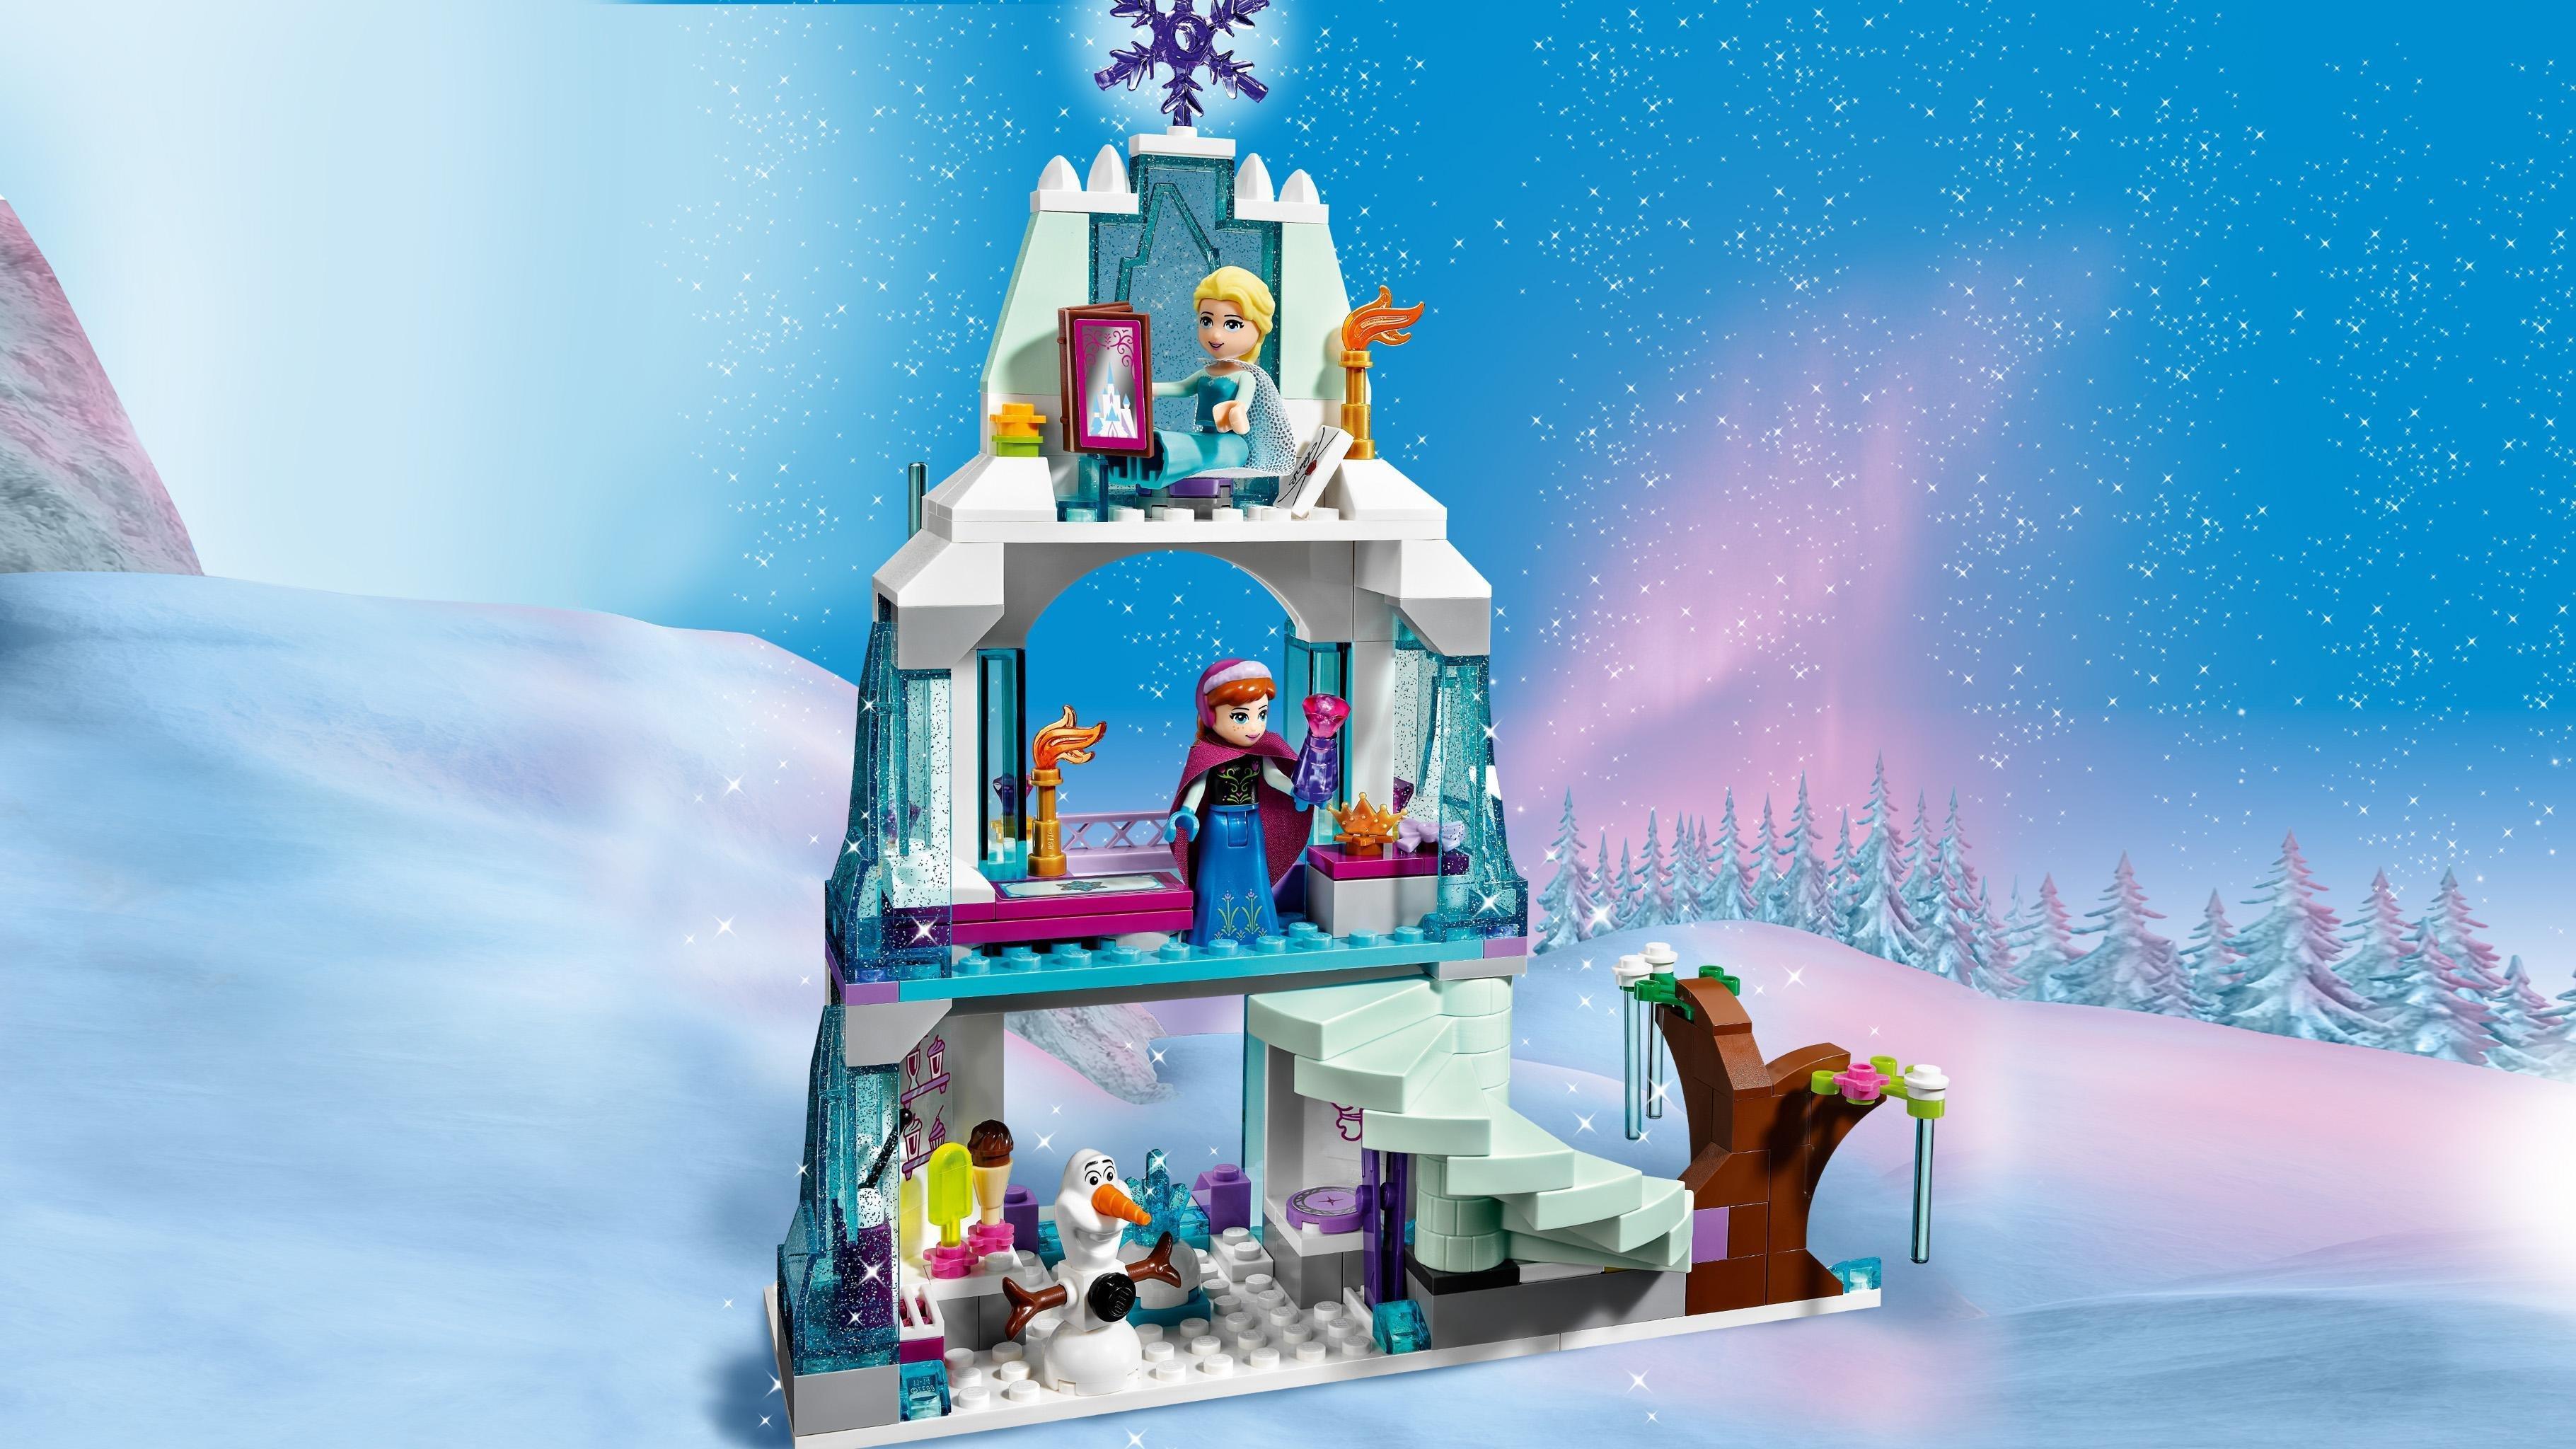 comprend un palais avec un arbre de glace un traneau un escalier secret un bar glaces un lit et une colline de glace